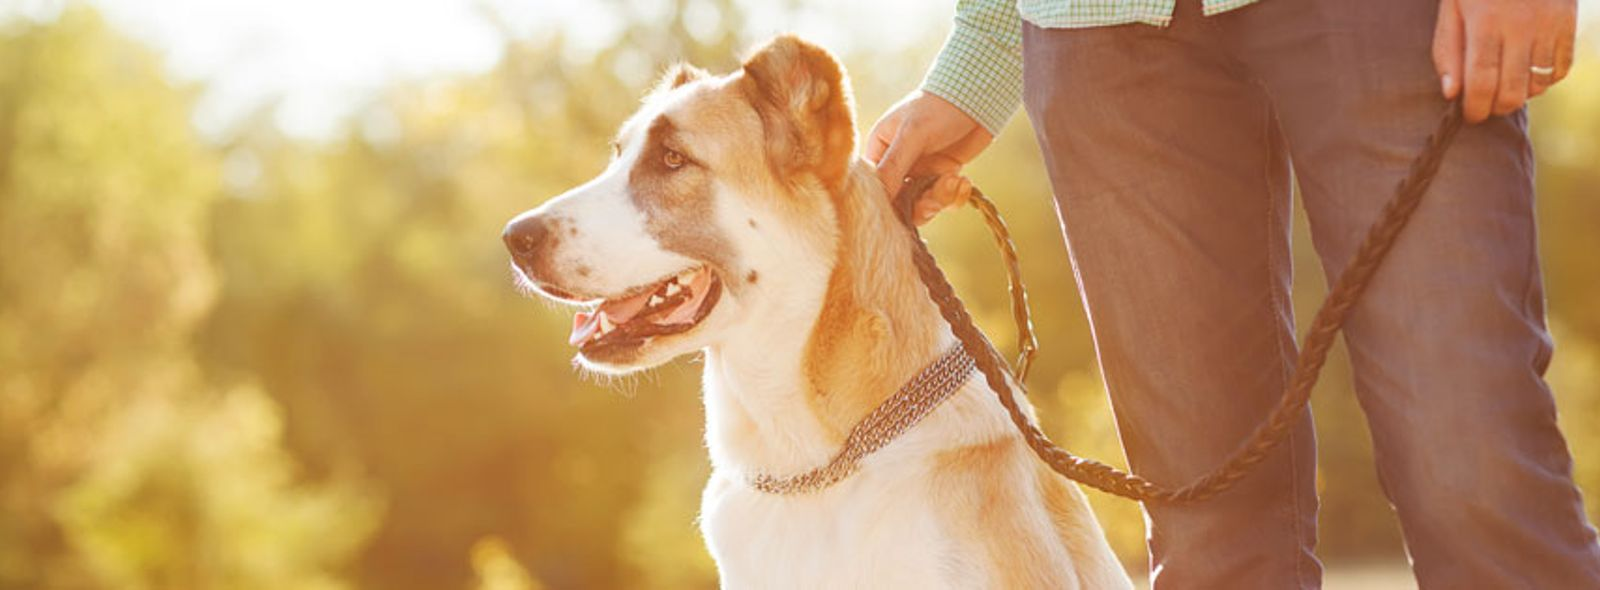 Per il cane è meglio il collare o la pettorina?